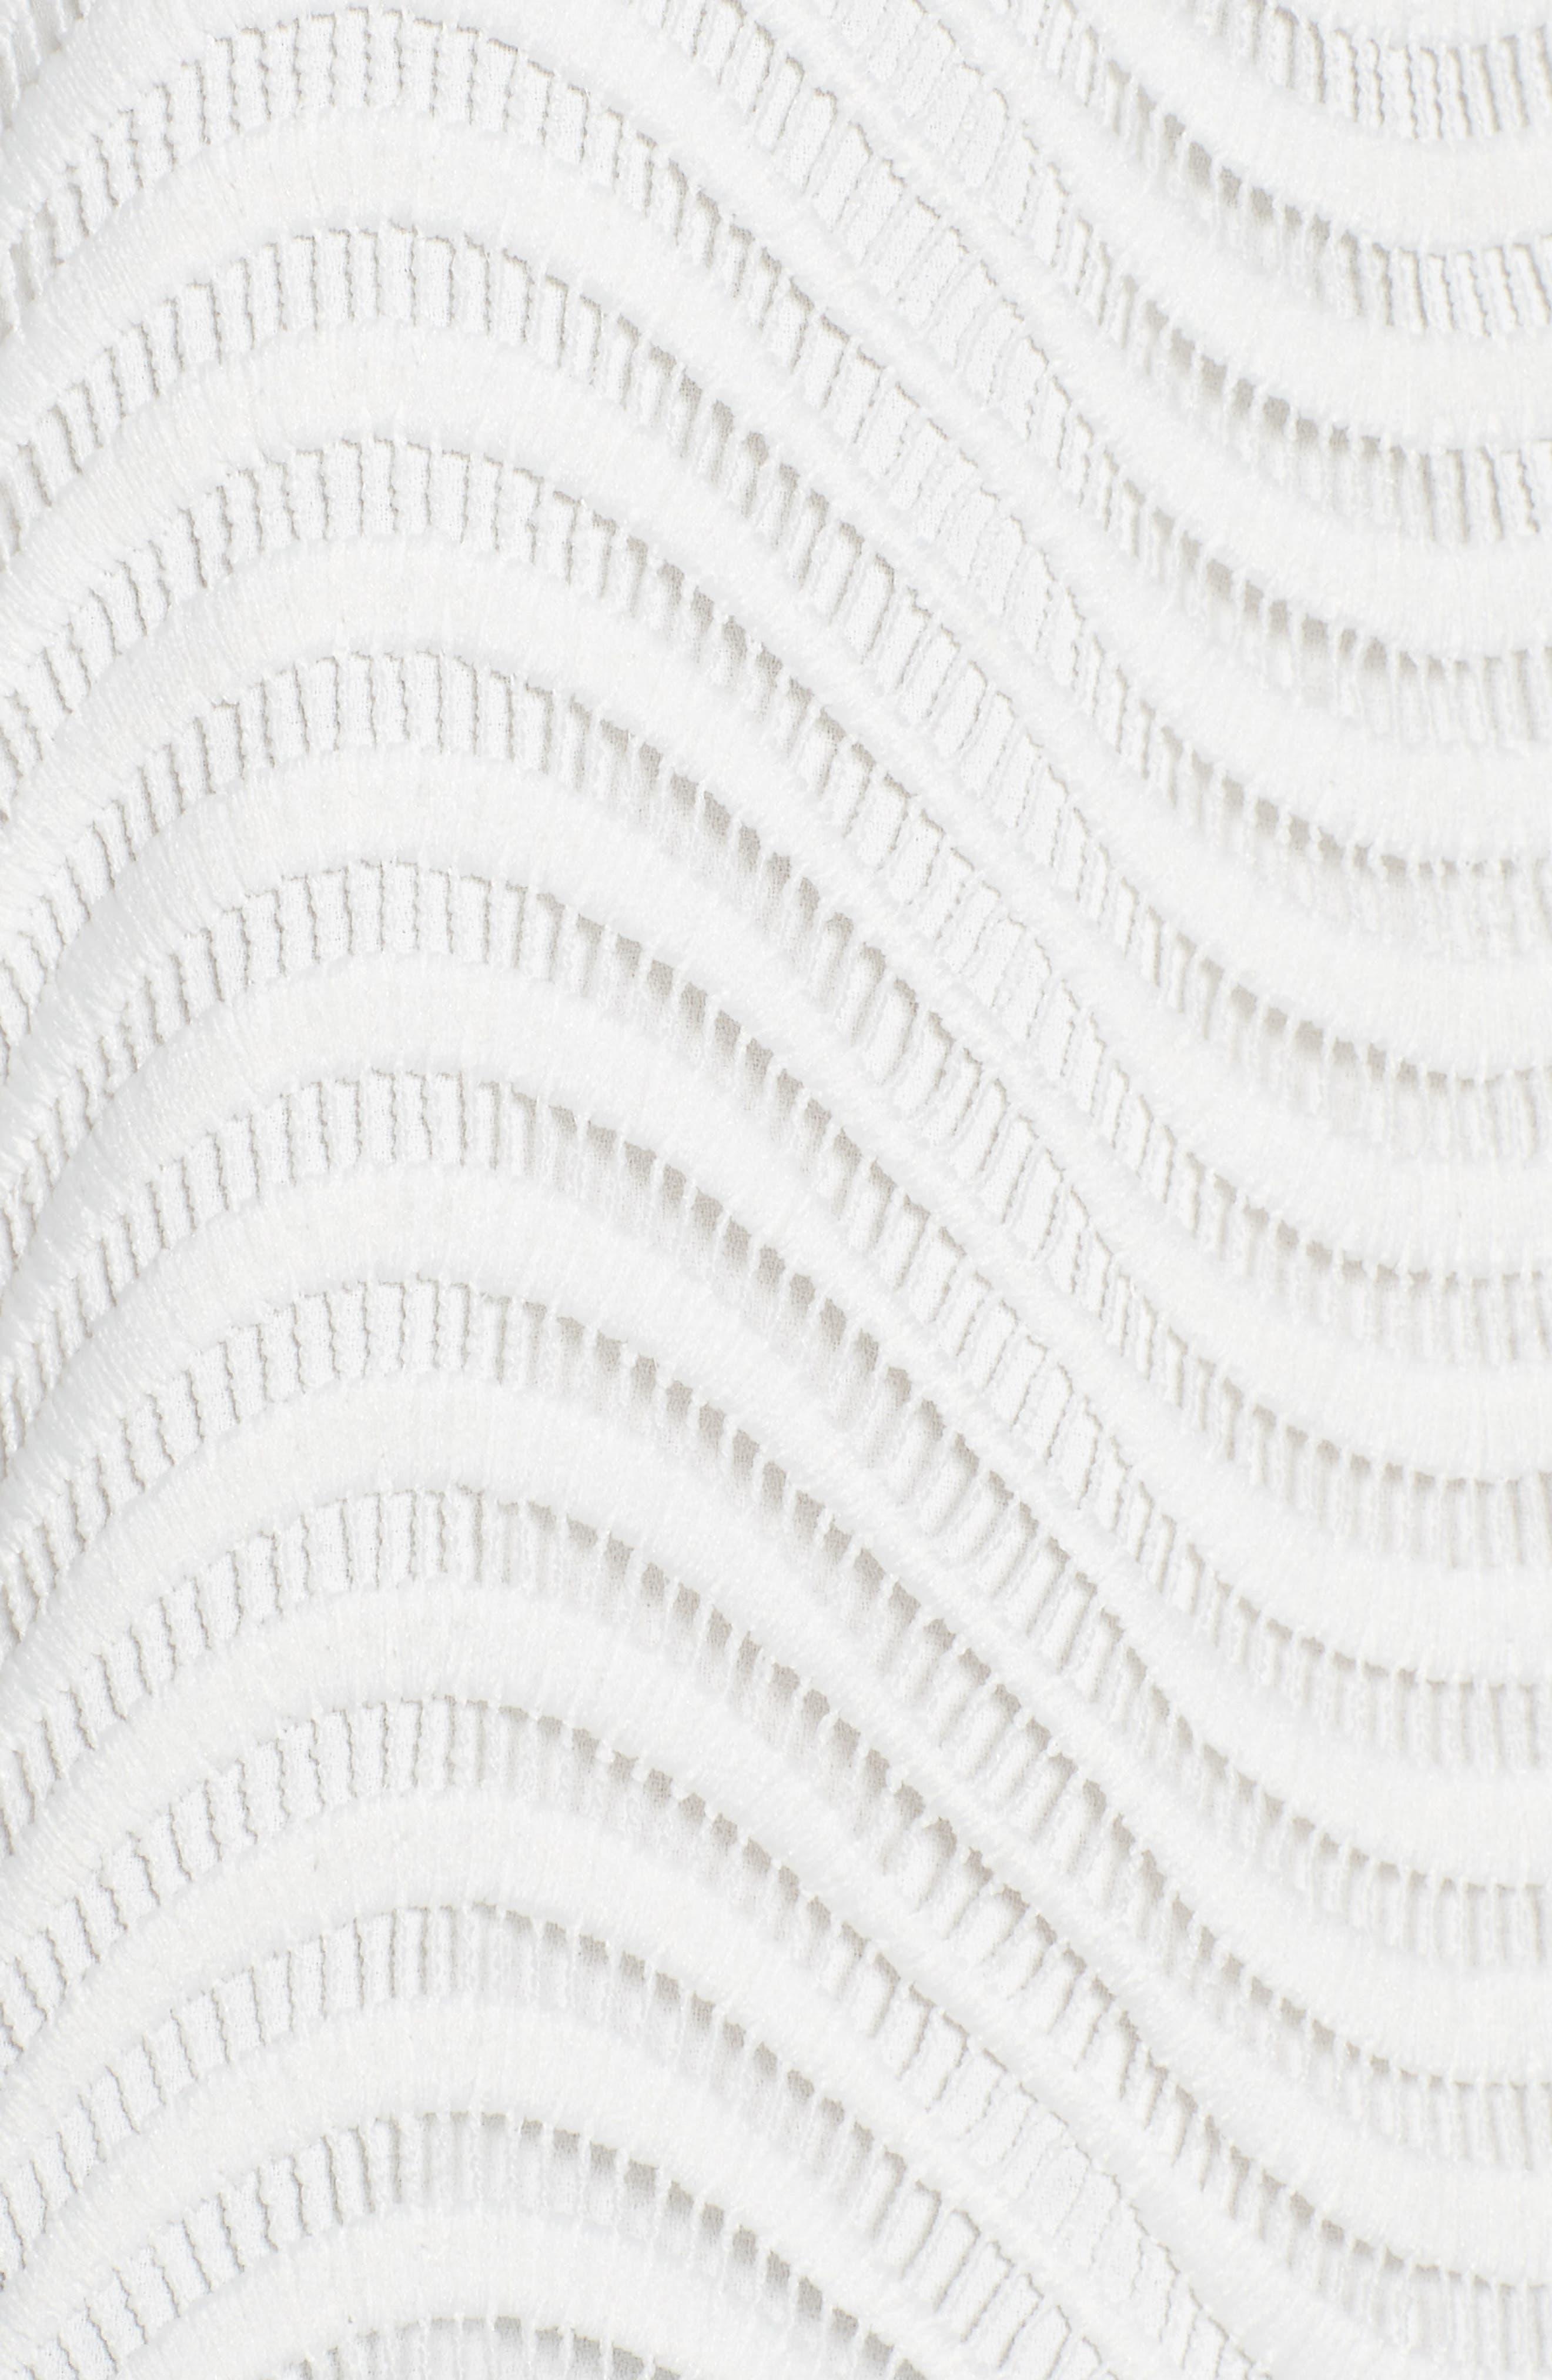 Tunic Blouse,                             Alternate thumbnail 5, color,                             White